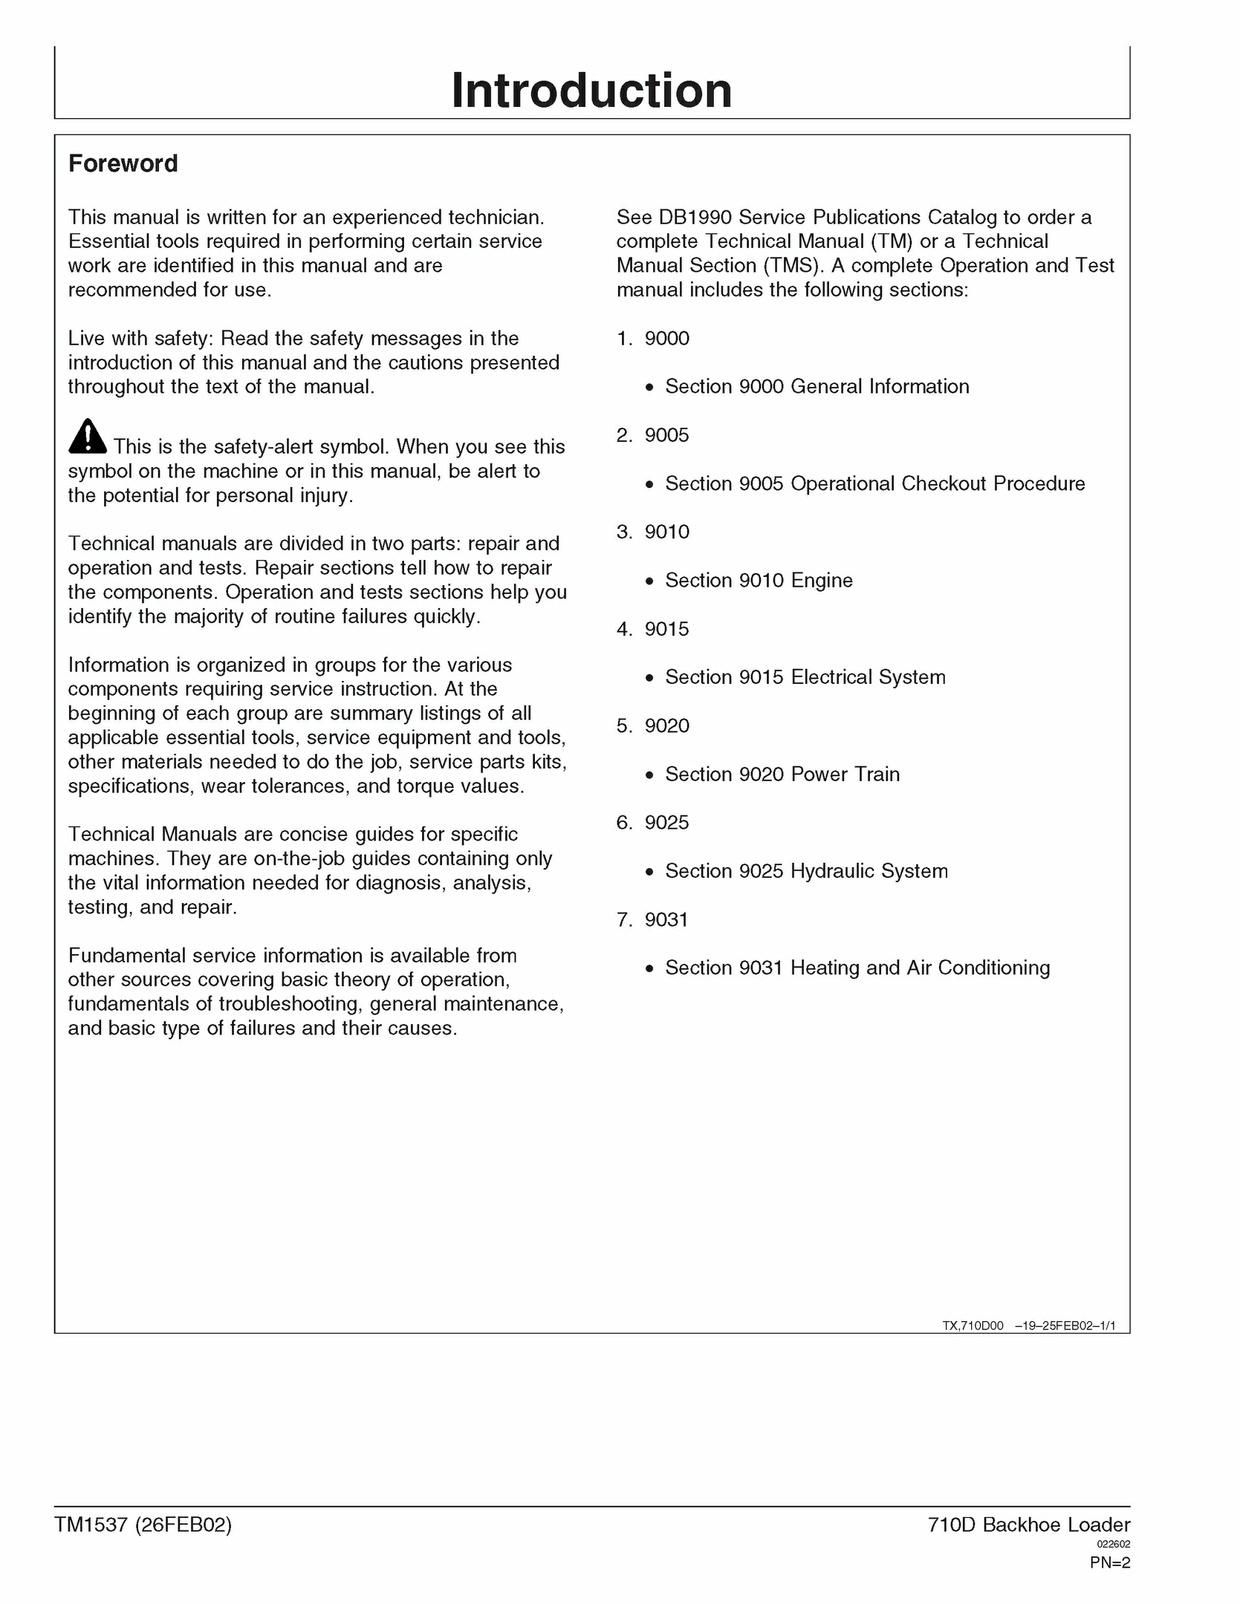 Download John Deere 710D Backhoe Loader Operation and Test Manual TM1537